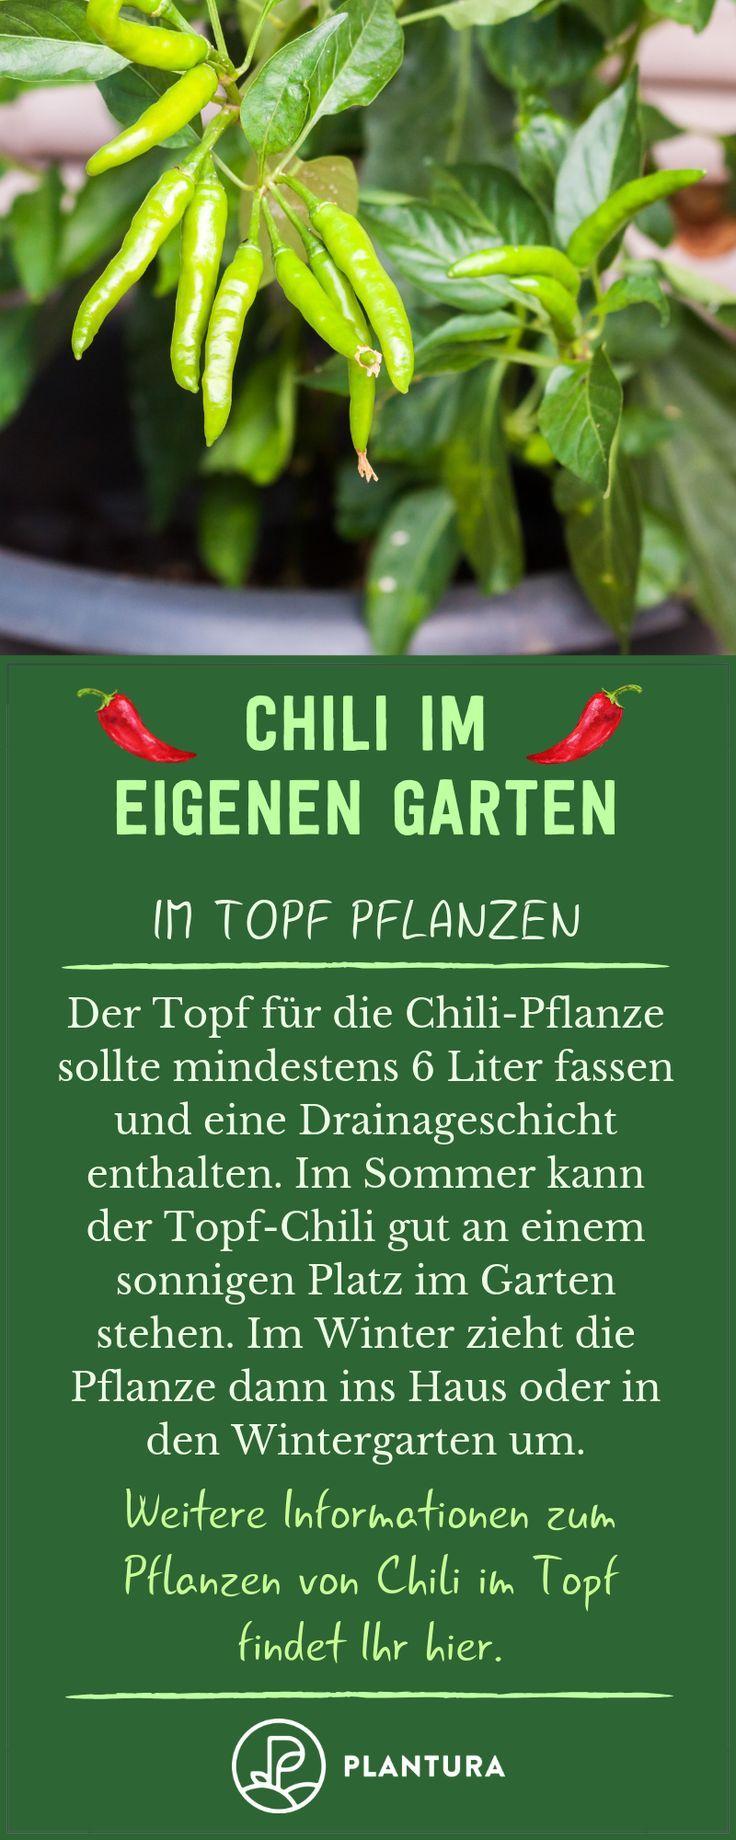 #Alles #Chili #Pflanzen #Pflegen #überwintern #Wissenswerte #zum - Chili: Alles Wissenswerte zum Pflanzen, Pflegen & Überwintern  Chili im eigenen Garten: Im Topf pflanzen! Wer Chili im Topf pflanzt, der sollte zu einem ausreichend großen Topf mit mindestens sechs Litern Fassvermögen greifen. Wir von Plantura verraten hier, was es beim Anbau von Chili noch zu beachten gilt! #chili #chilipflanzen #chilianbauen #gemüsegartenanlegen